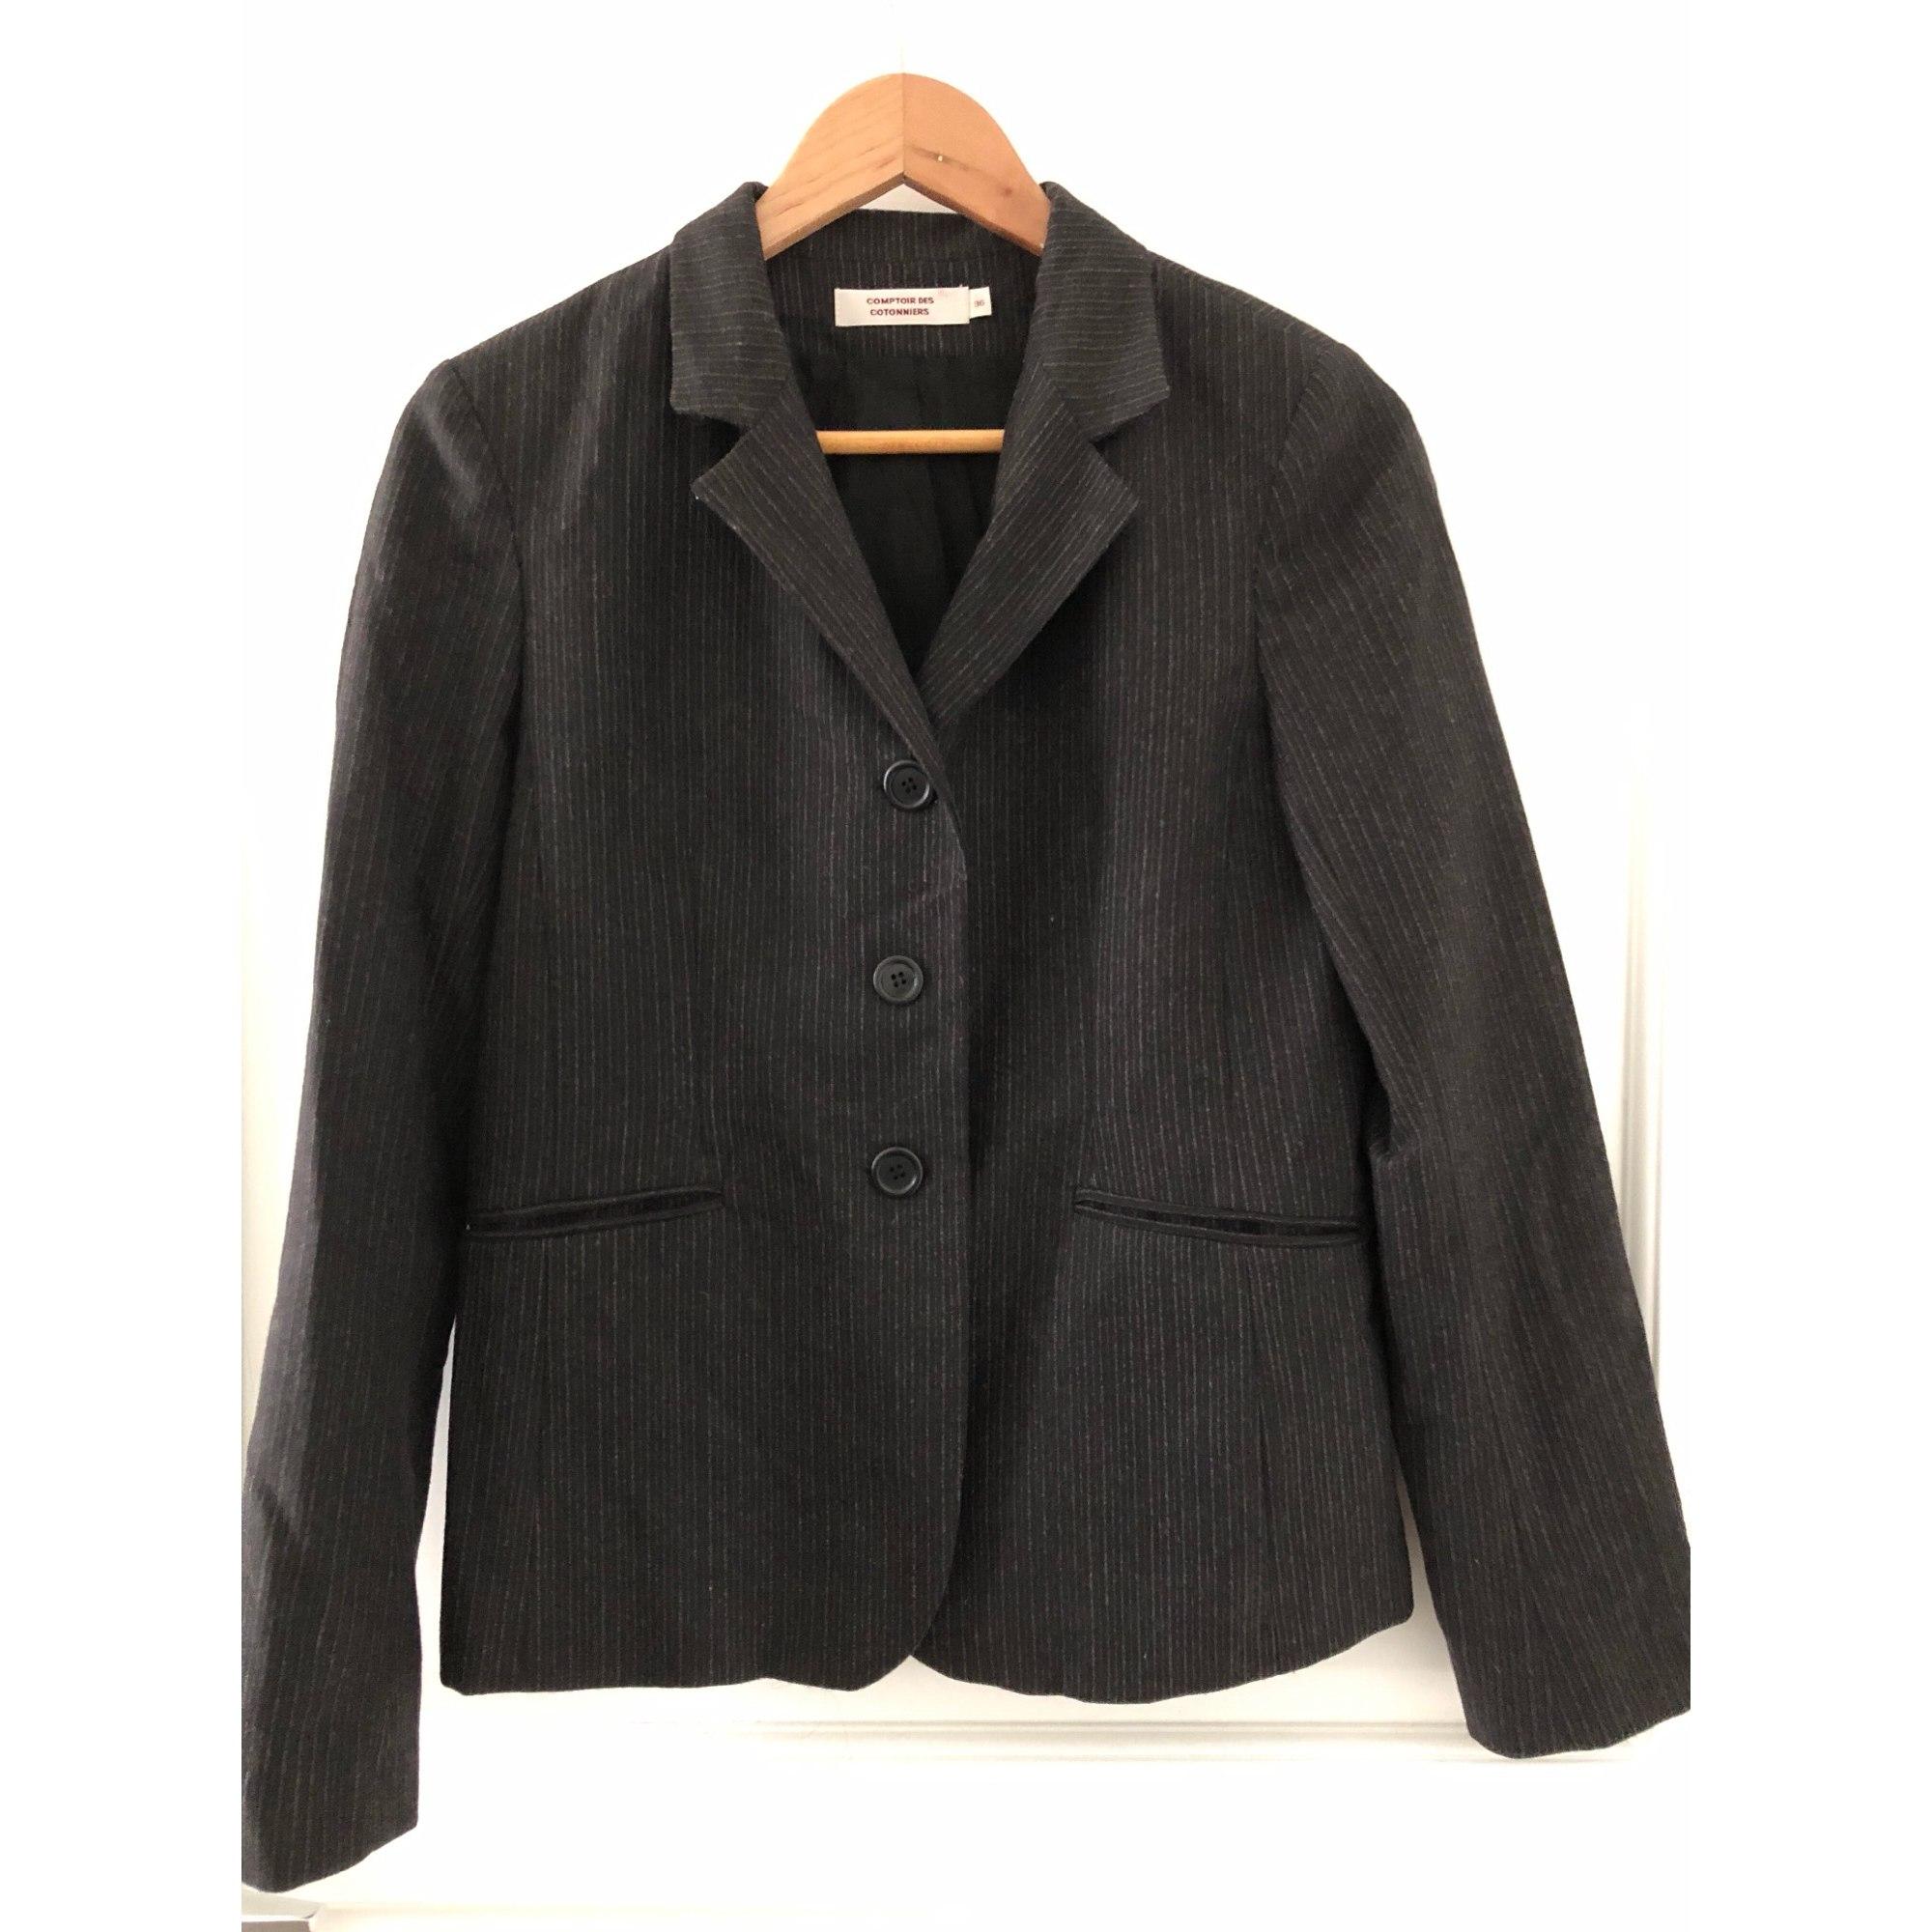 Blazer, veste tailleur COMPTOIR DES COTONNIERS Gris, anthracite